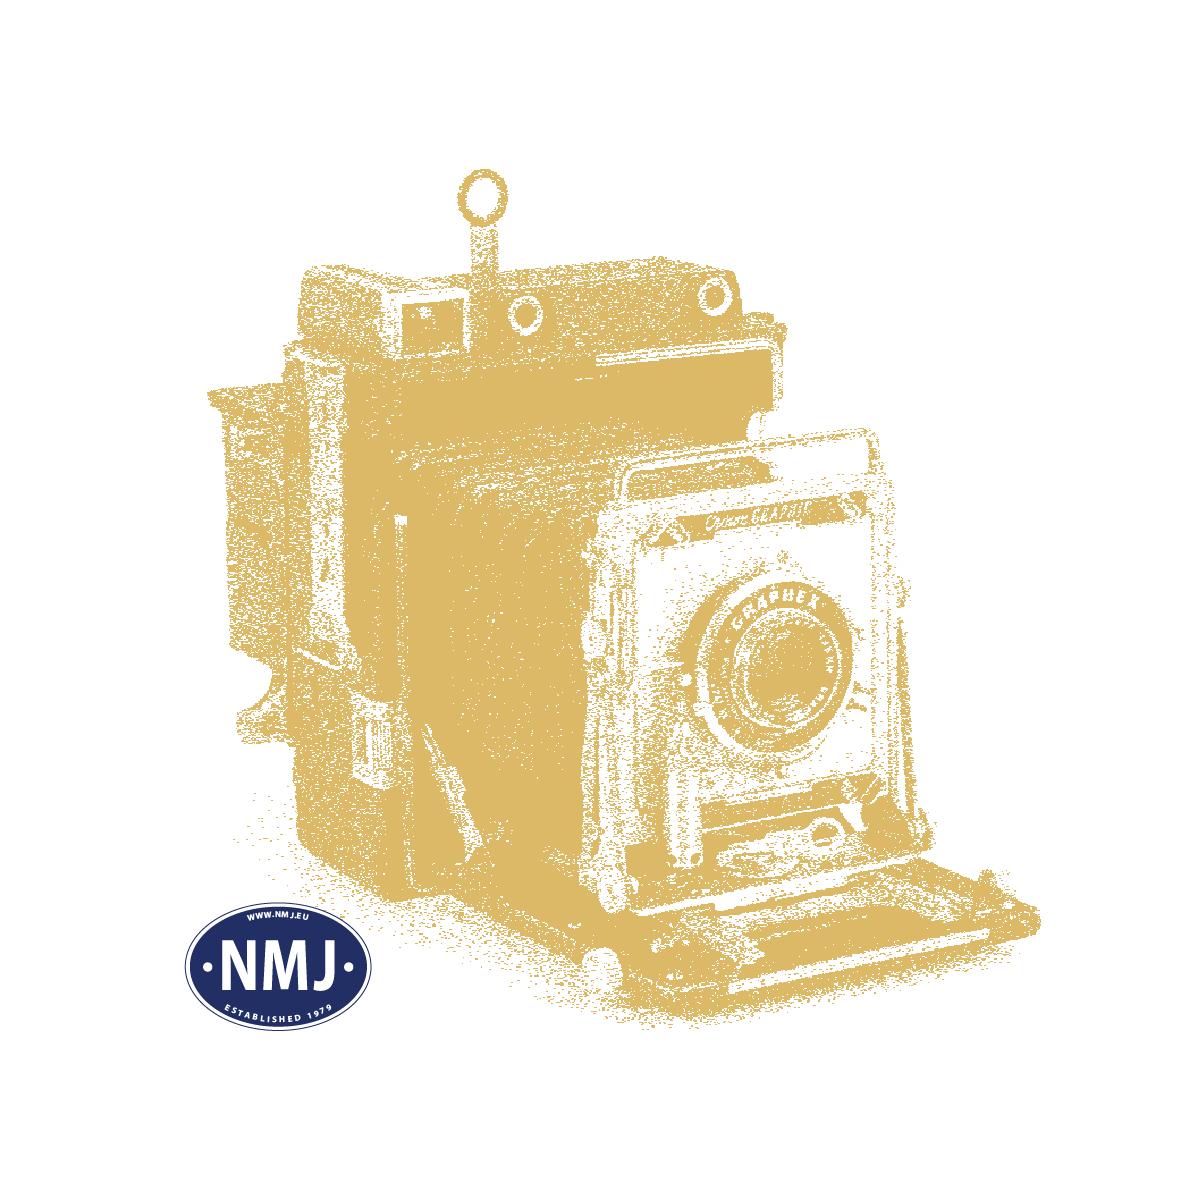 NMJT90105 - NMJ Topline DSB MY 1150, DCC Sound